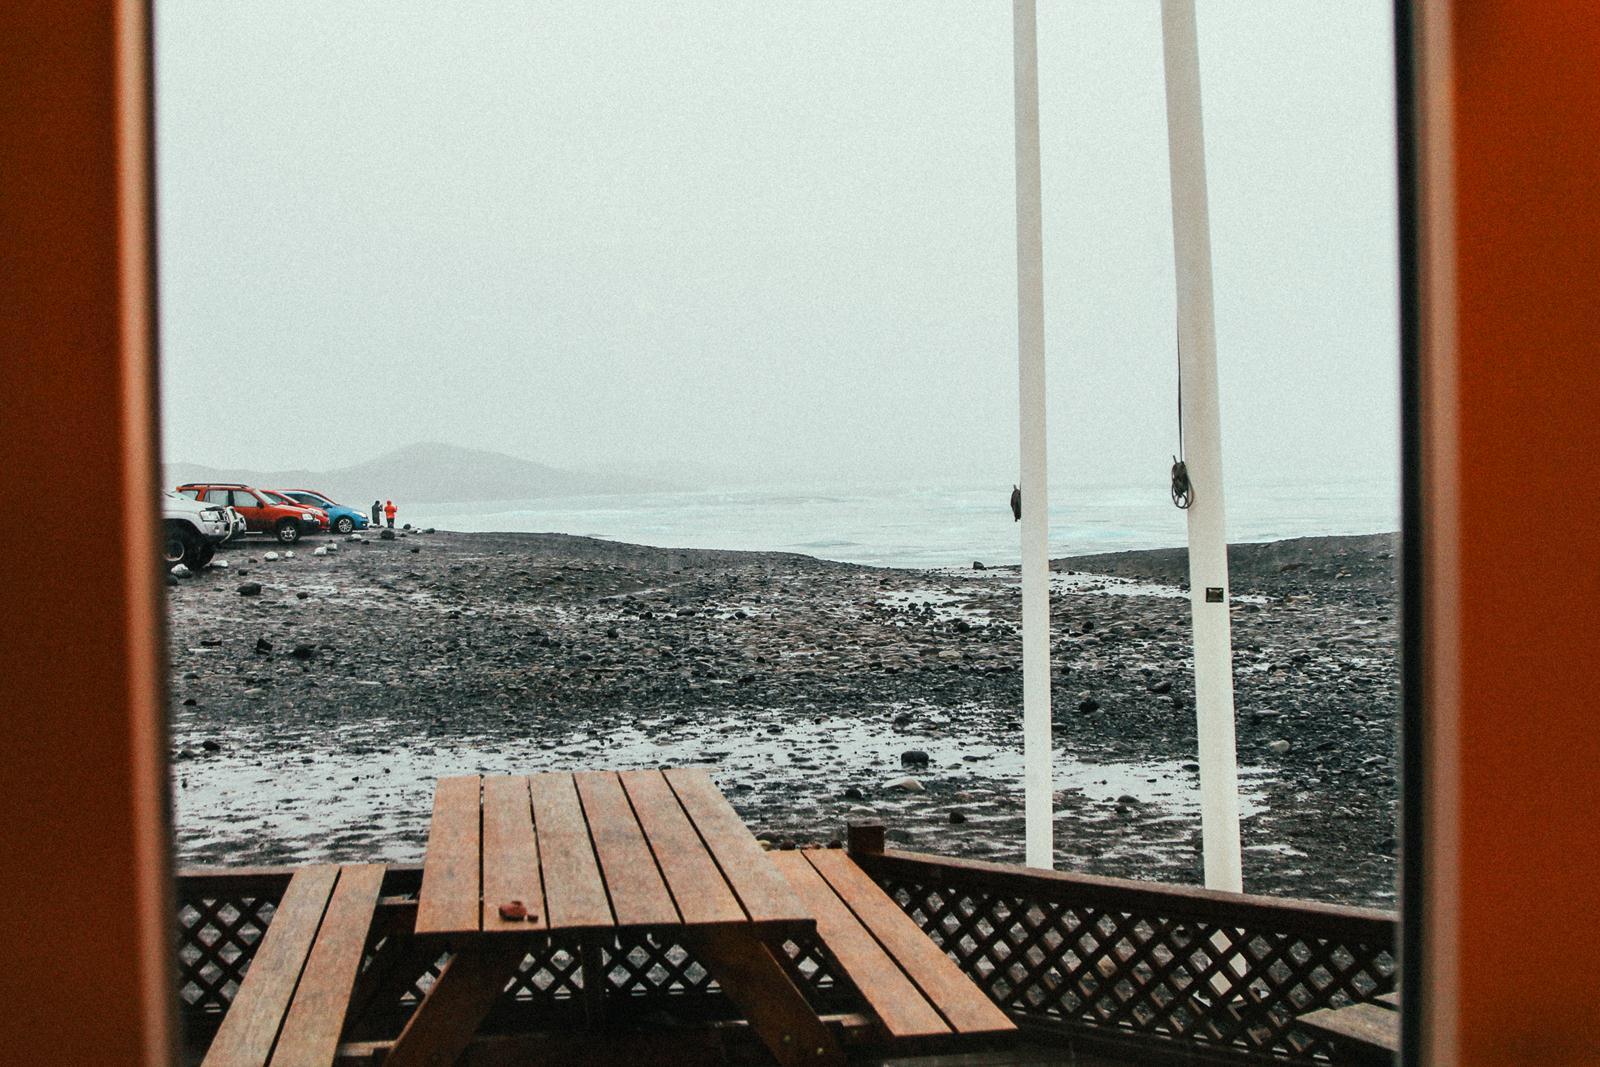 5 Course Meal at Hotel Laki and Jökulsárlón - The Iceberg Lagoon (22)